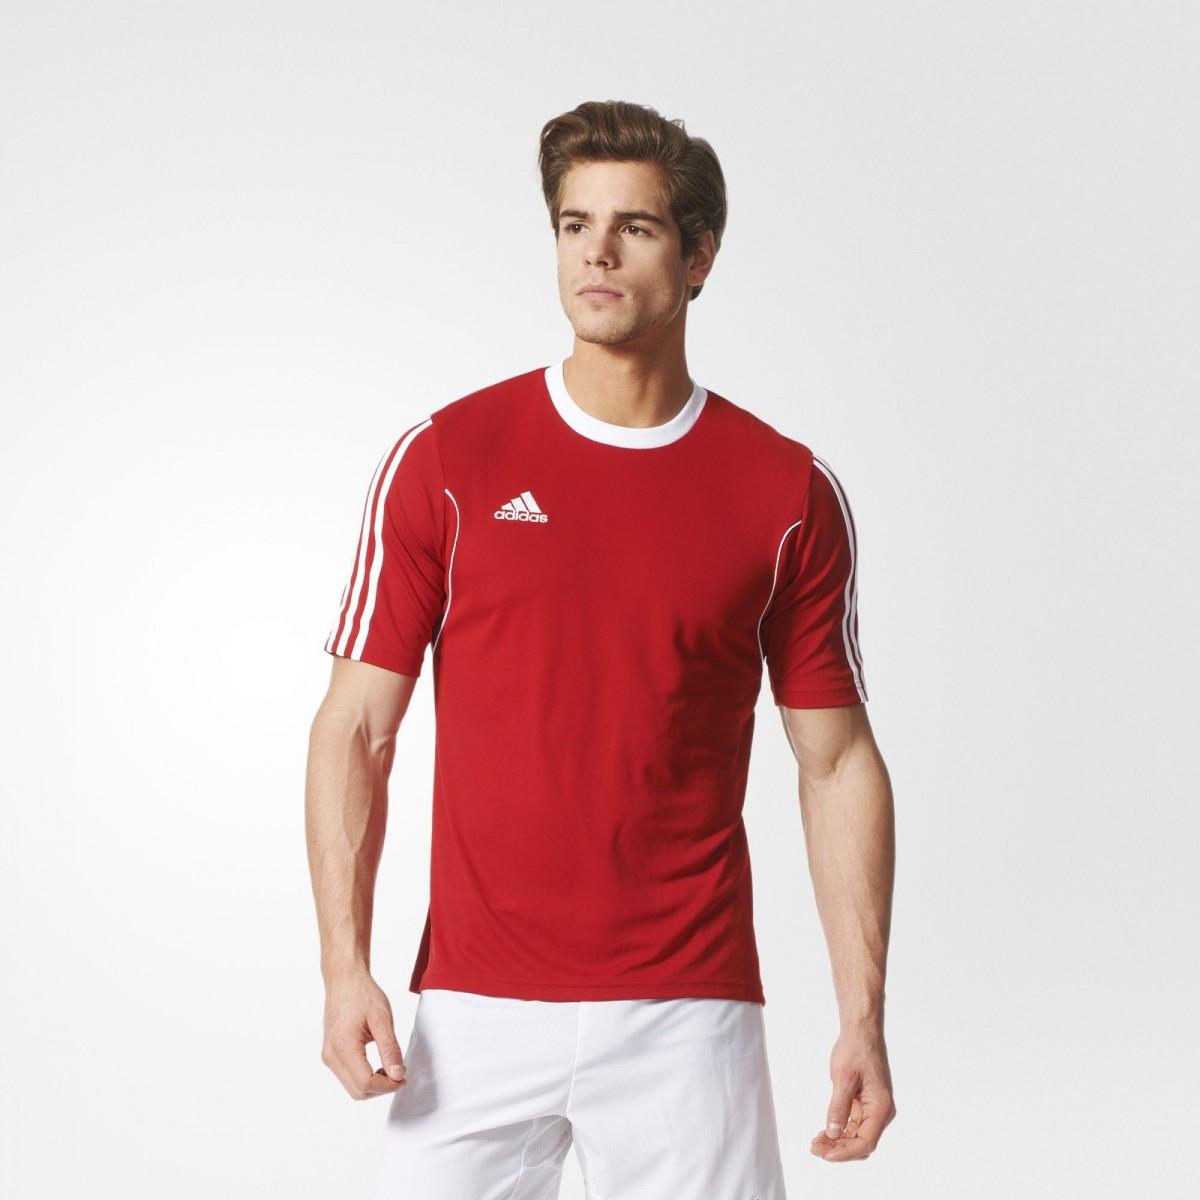 a332dc7ffa Bizz Store - Camiseta Adidas Squadra 13 Para Futebol Vermelha